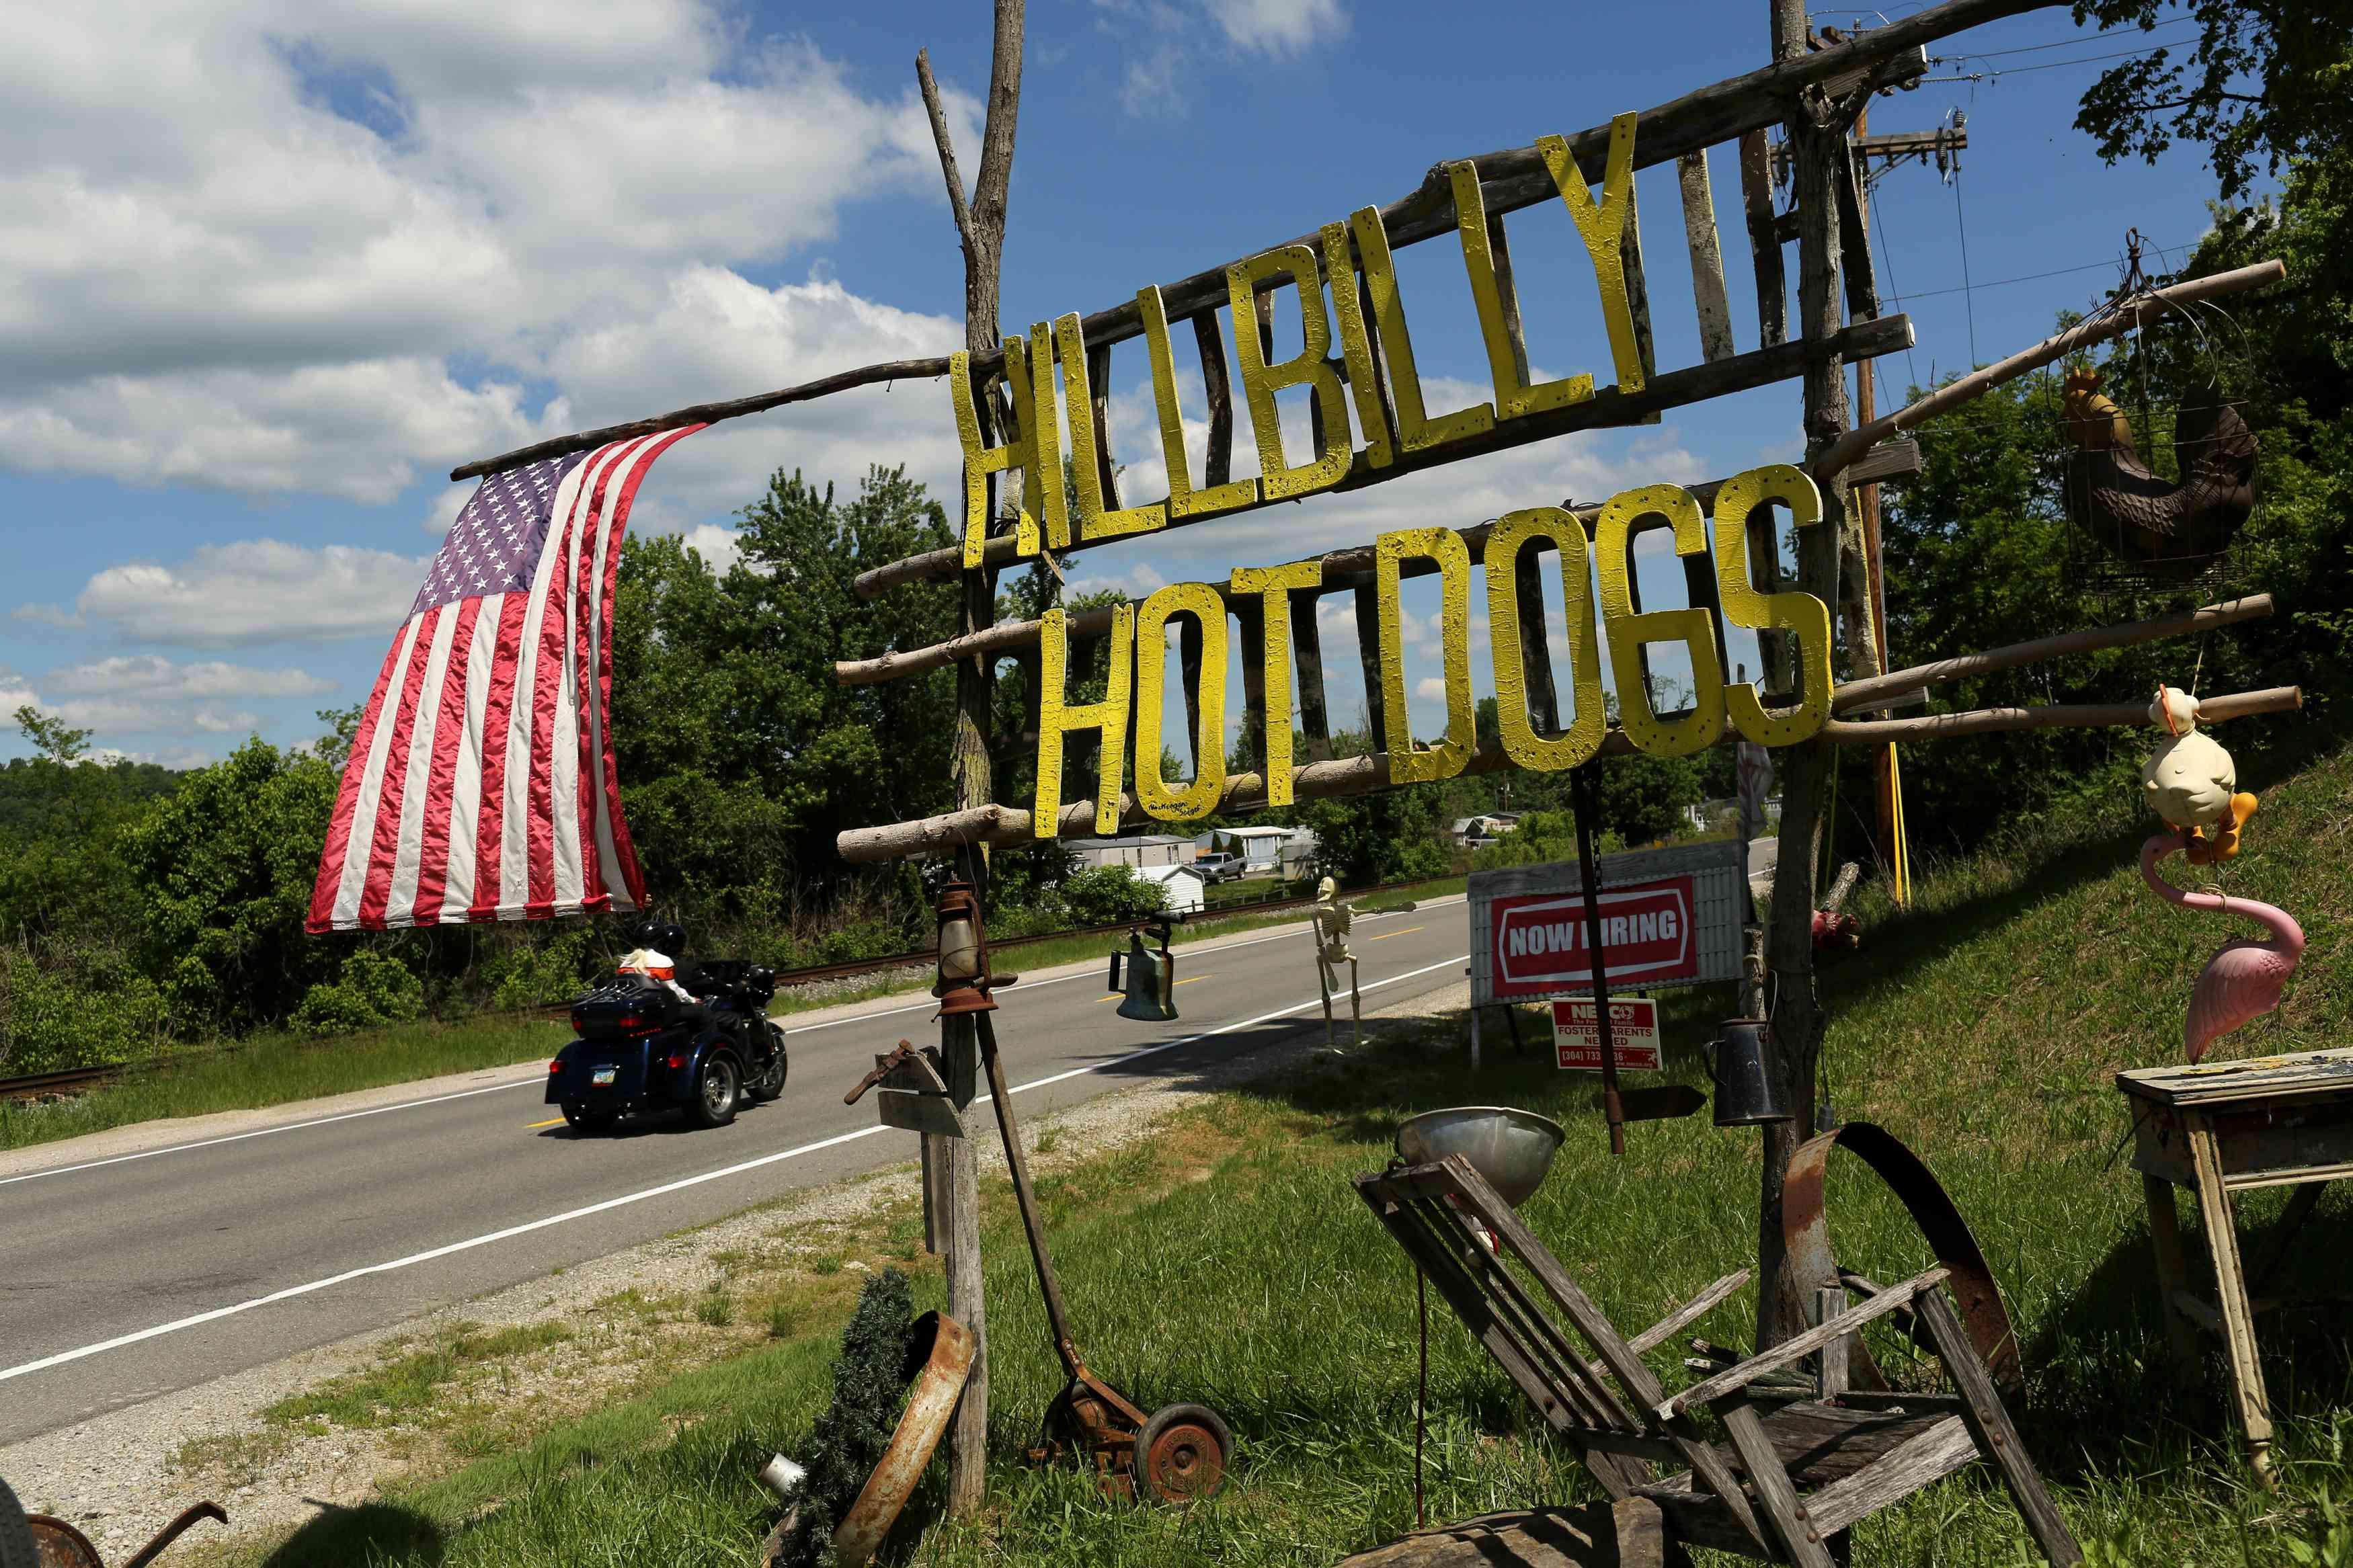 Decline along West Virginia's King Coal Highway